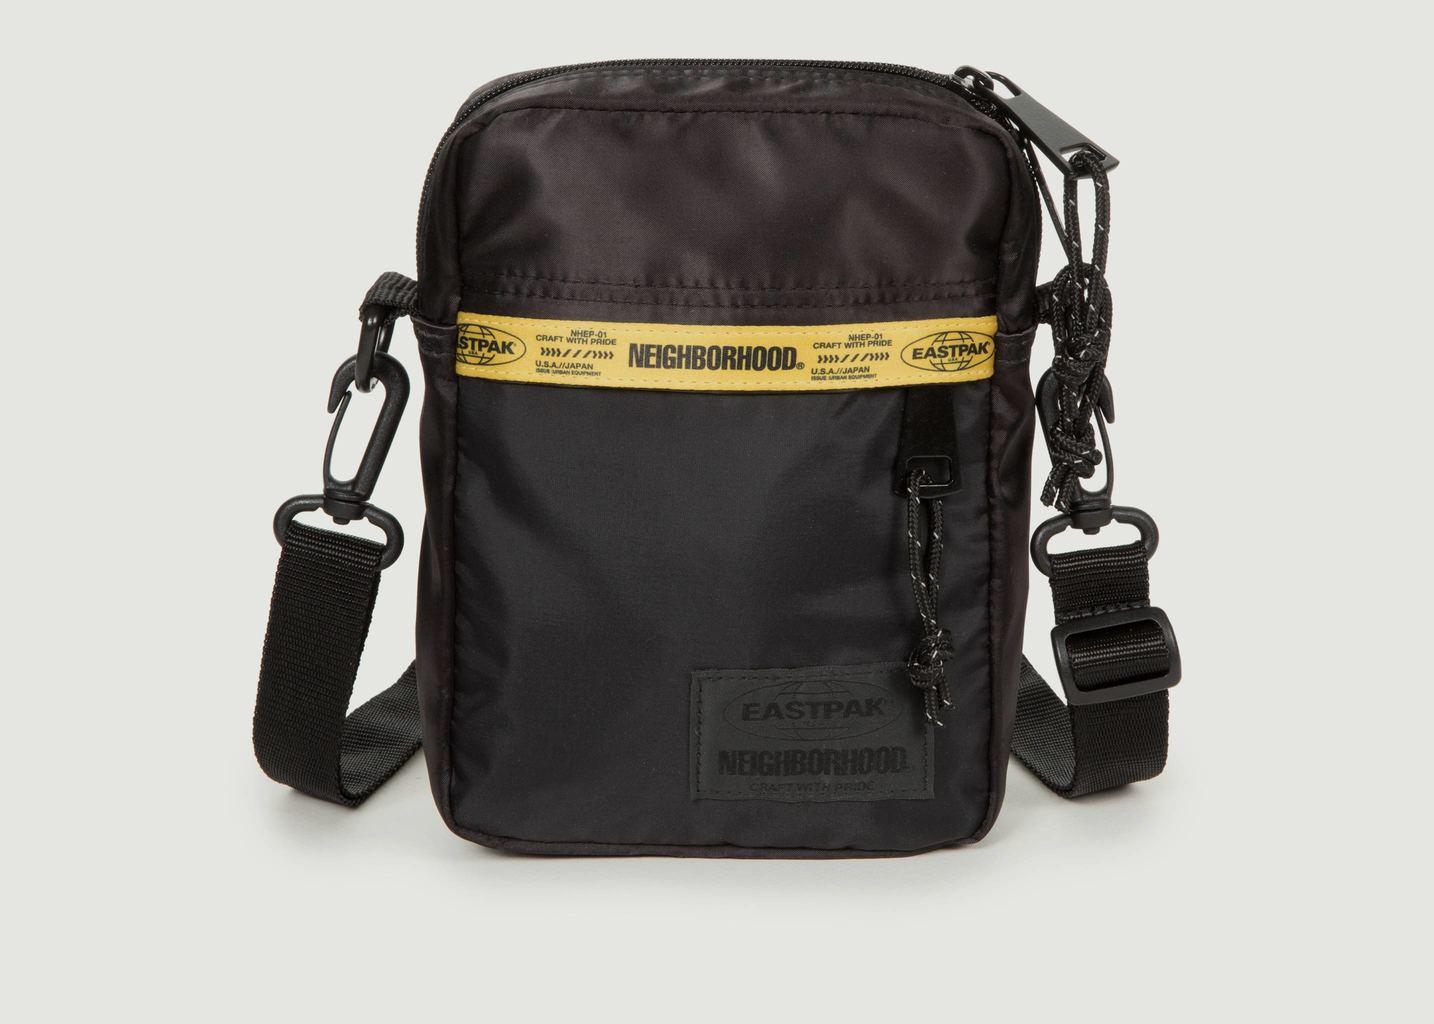 Eastpak austin noir sacs à dos,marques de renommée,achetez